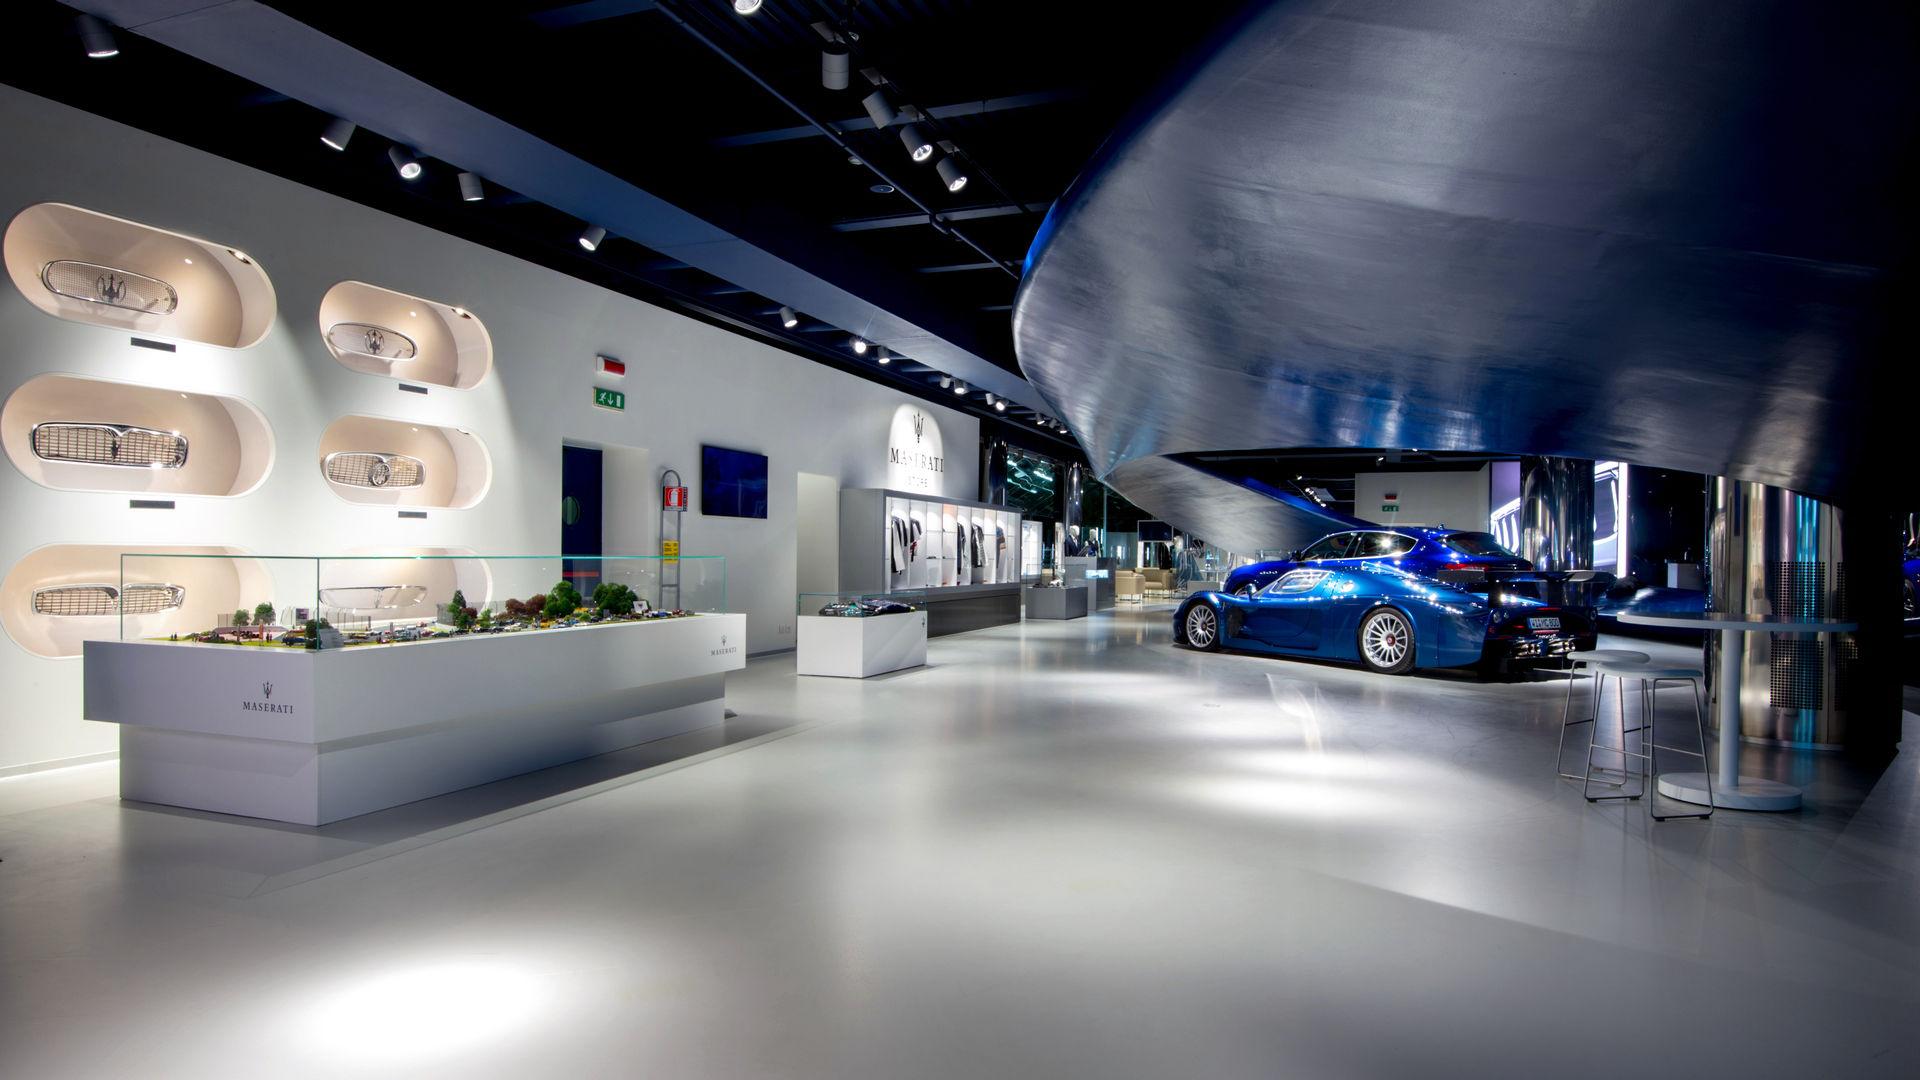 Maserati Factory Tour: Werksbesichtigung und Modena Showroom